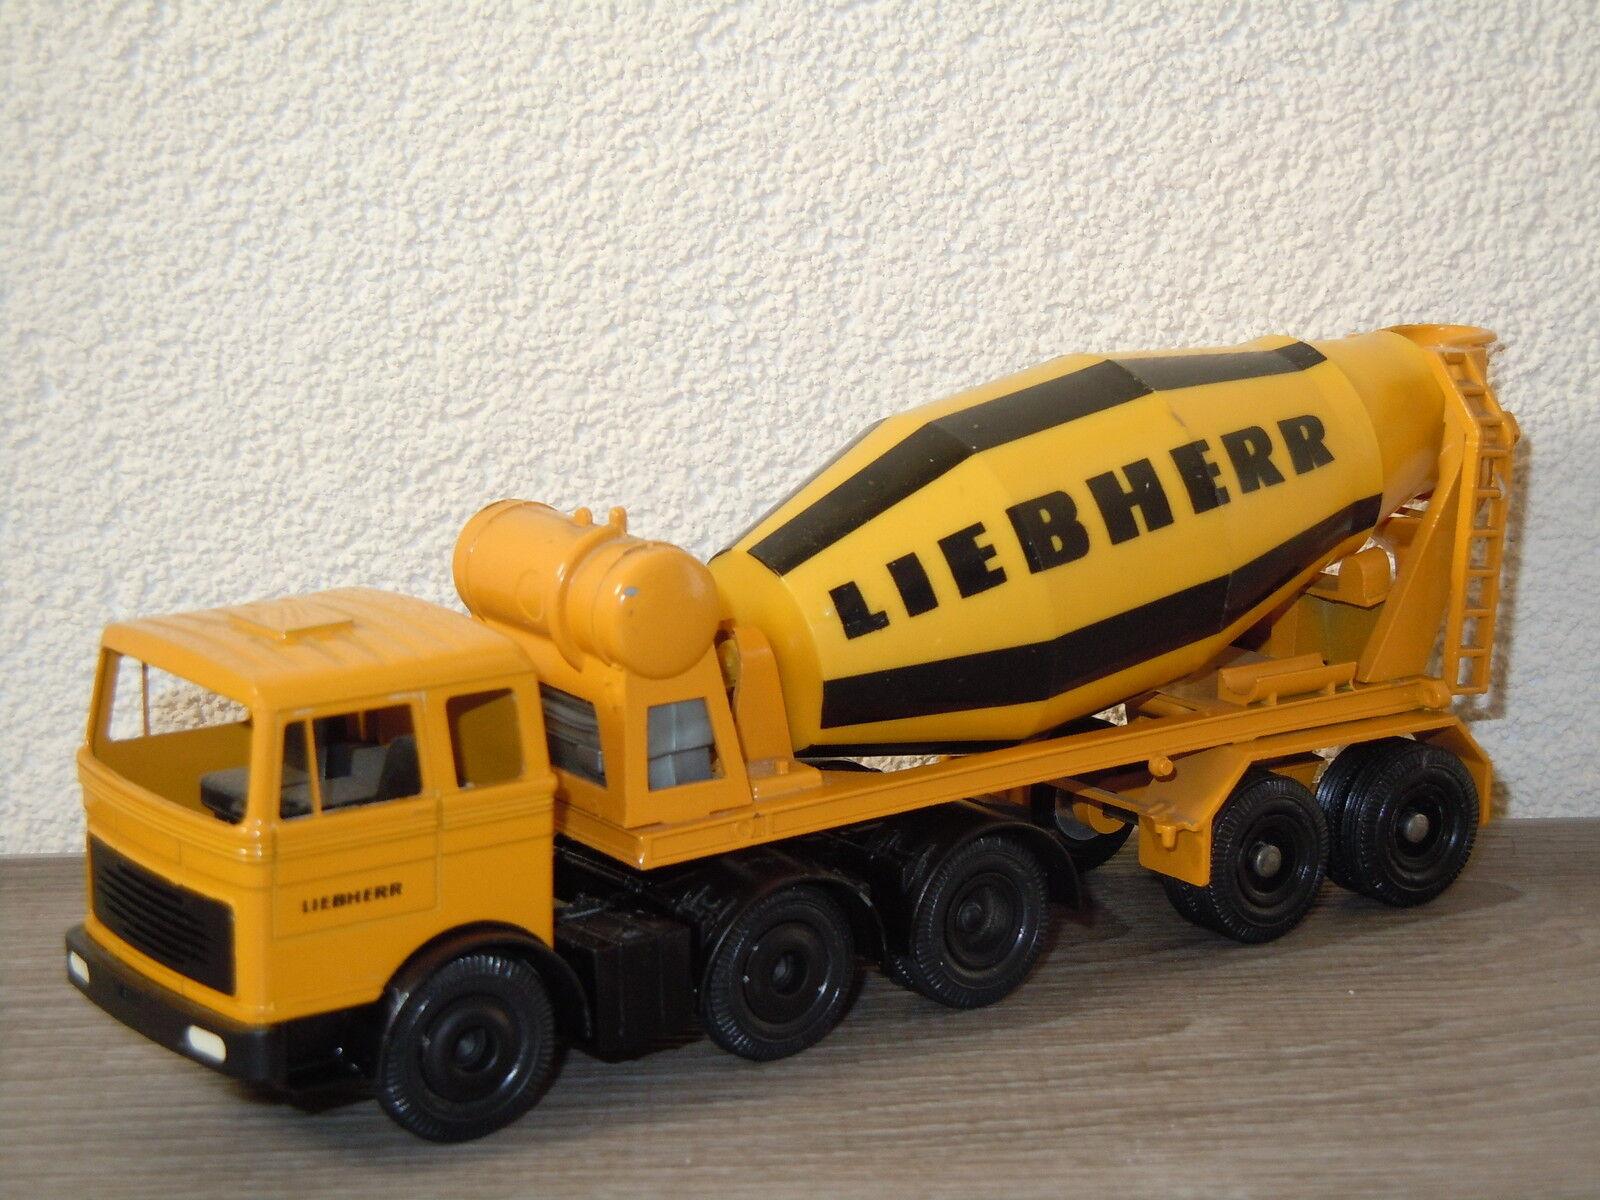 Mercedes Mischer Liebherr van Gescha Gerhommey 1 50  6366  protection après-vente